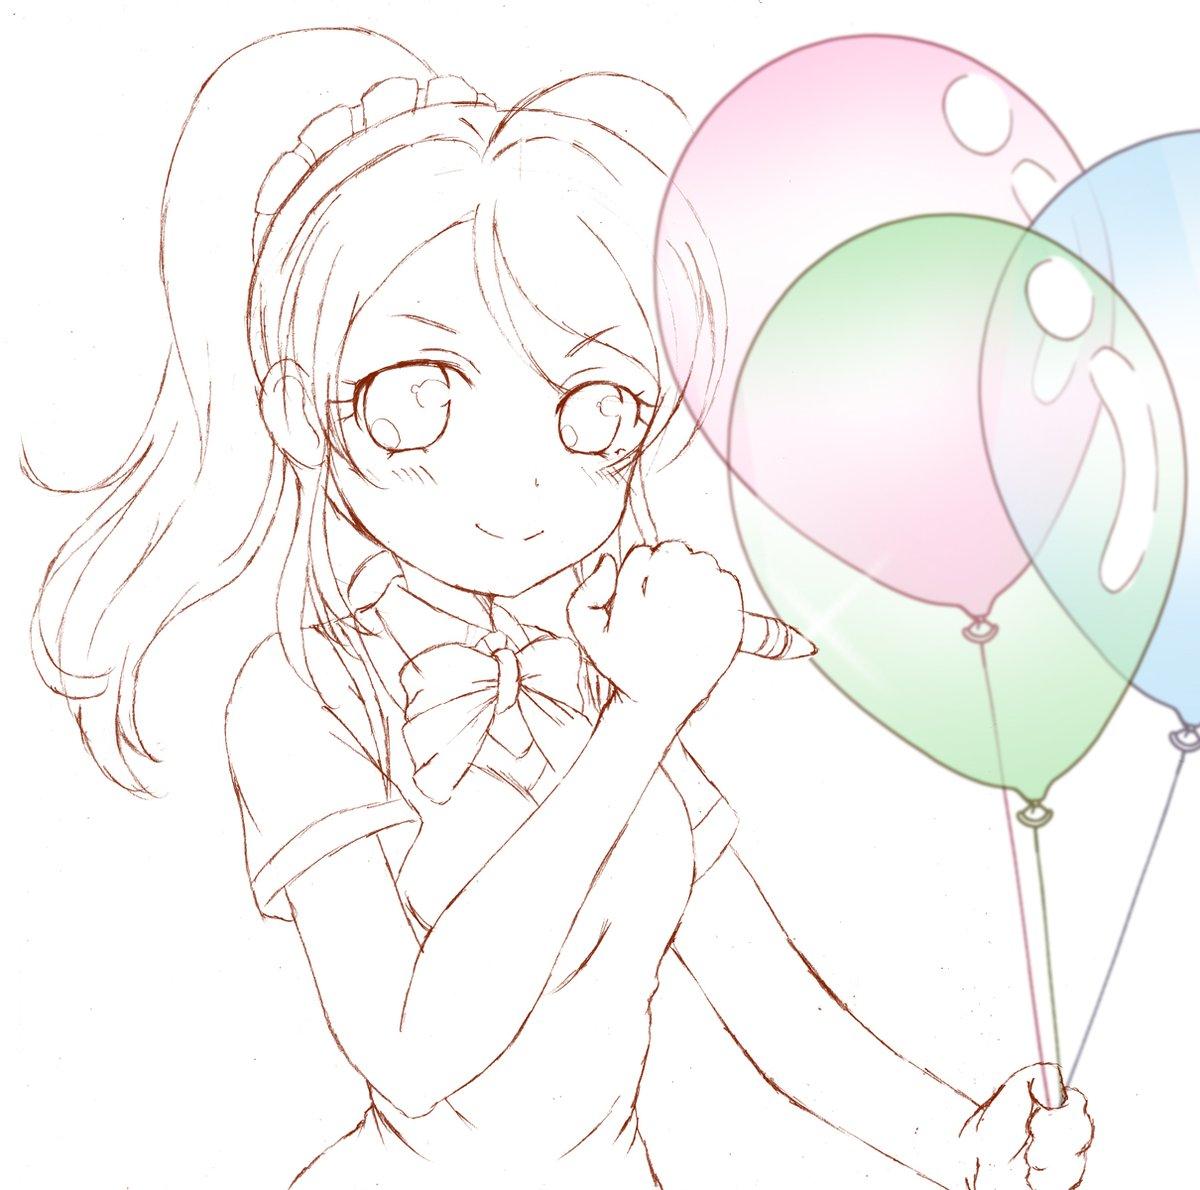 【お題箱より】 #odaibako_kazenofunet https://t.co/X7Rg1tMcZb ラブライブの絵里ちゃんがボールペンで風船の焦らし割りをするイラストをお願いします。 https://t.co/AY7C5mIXQf